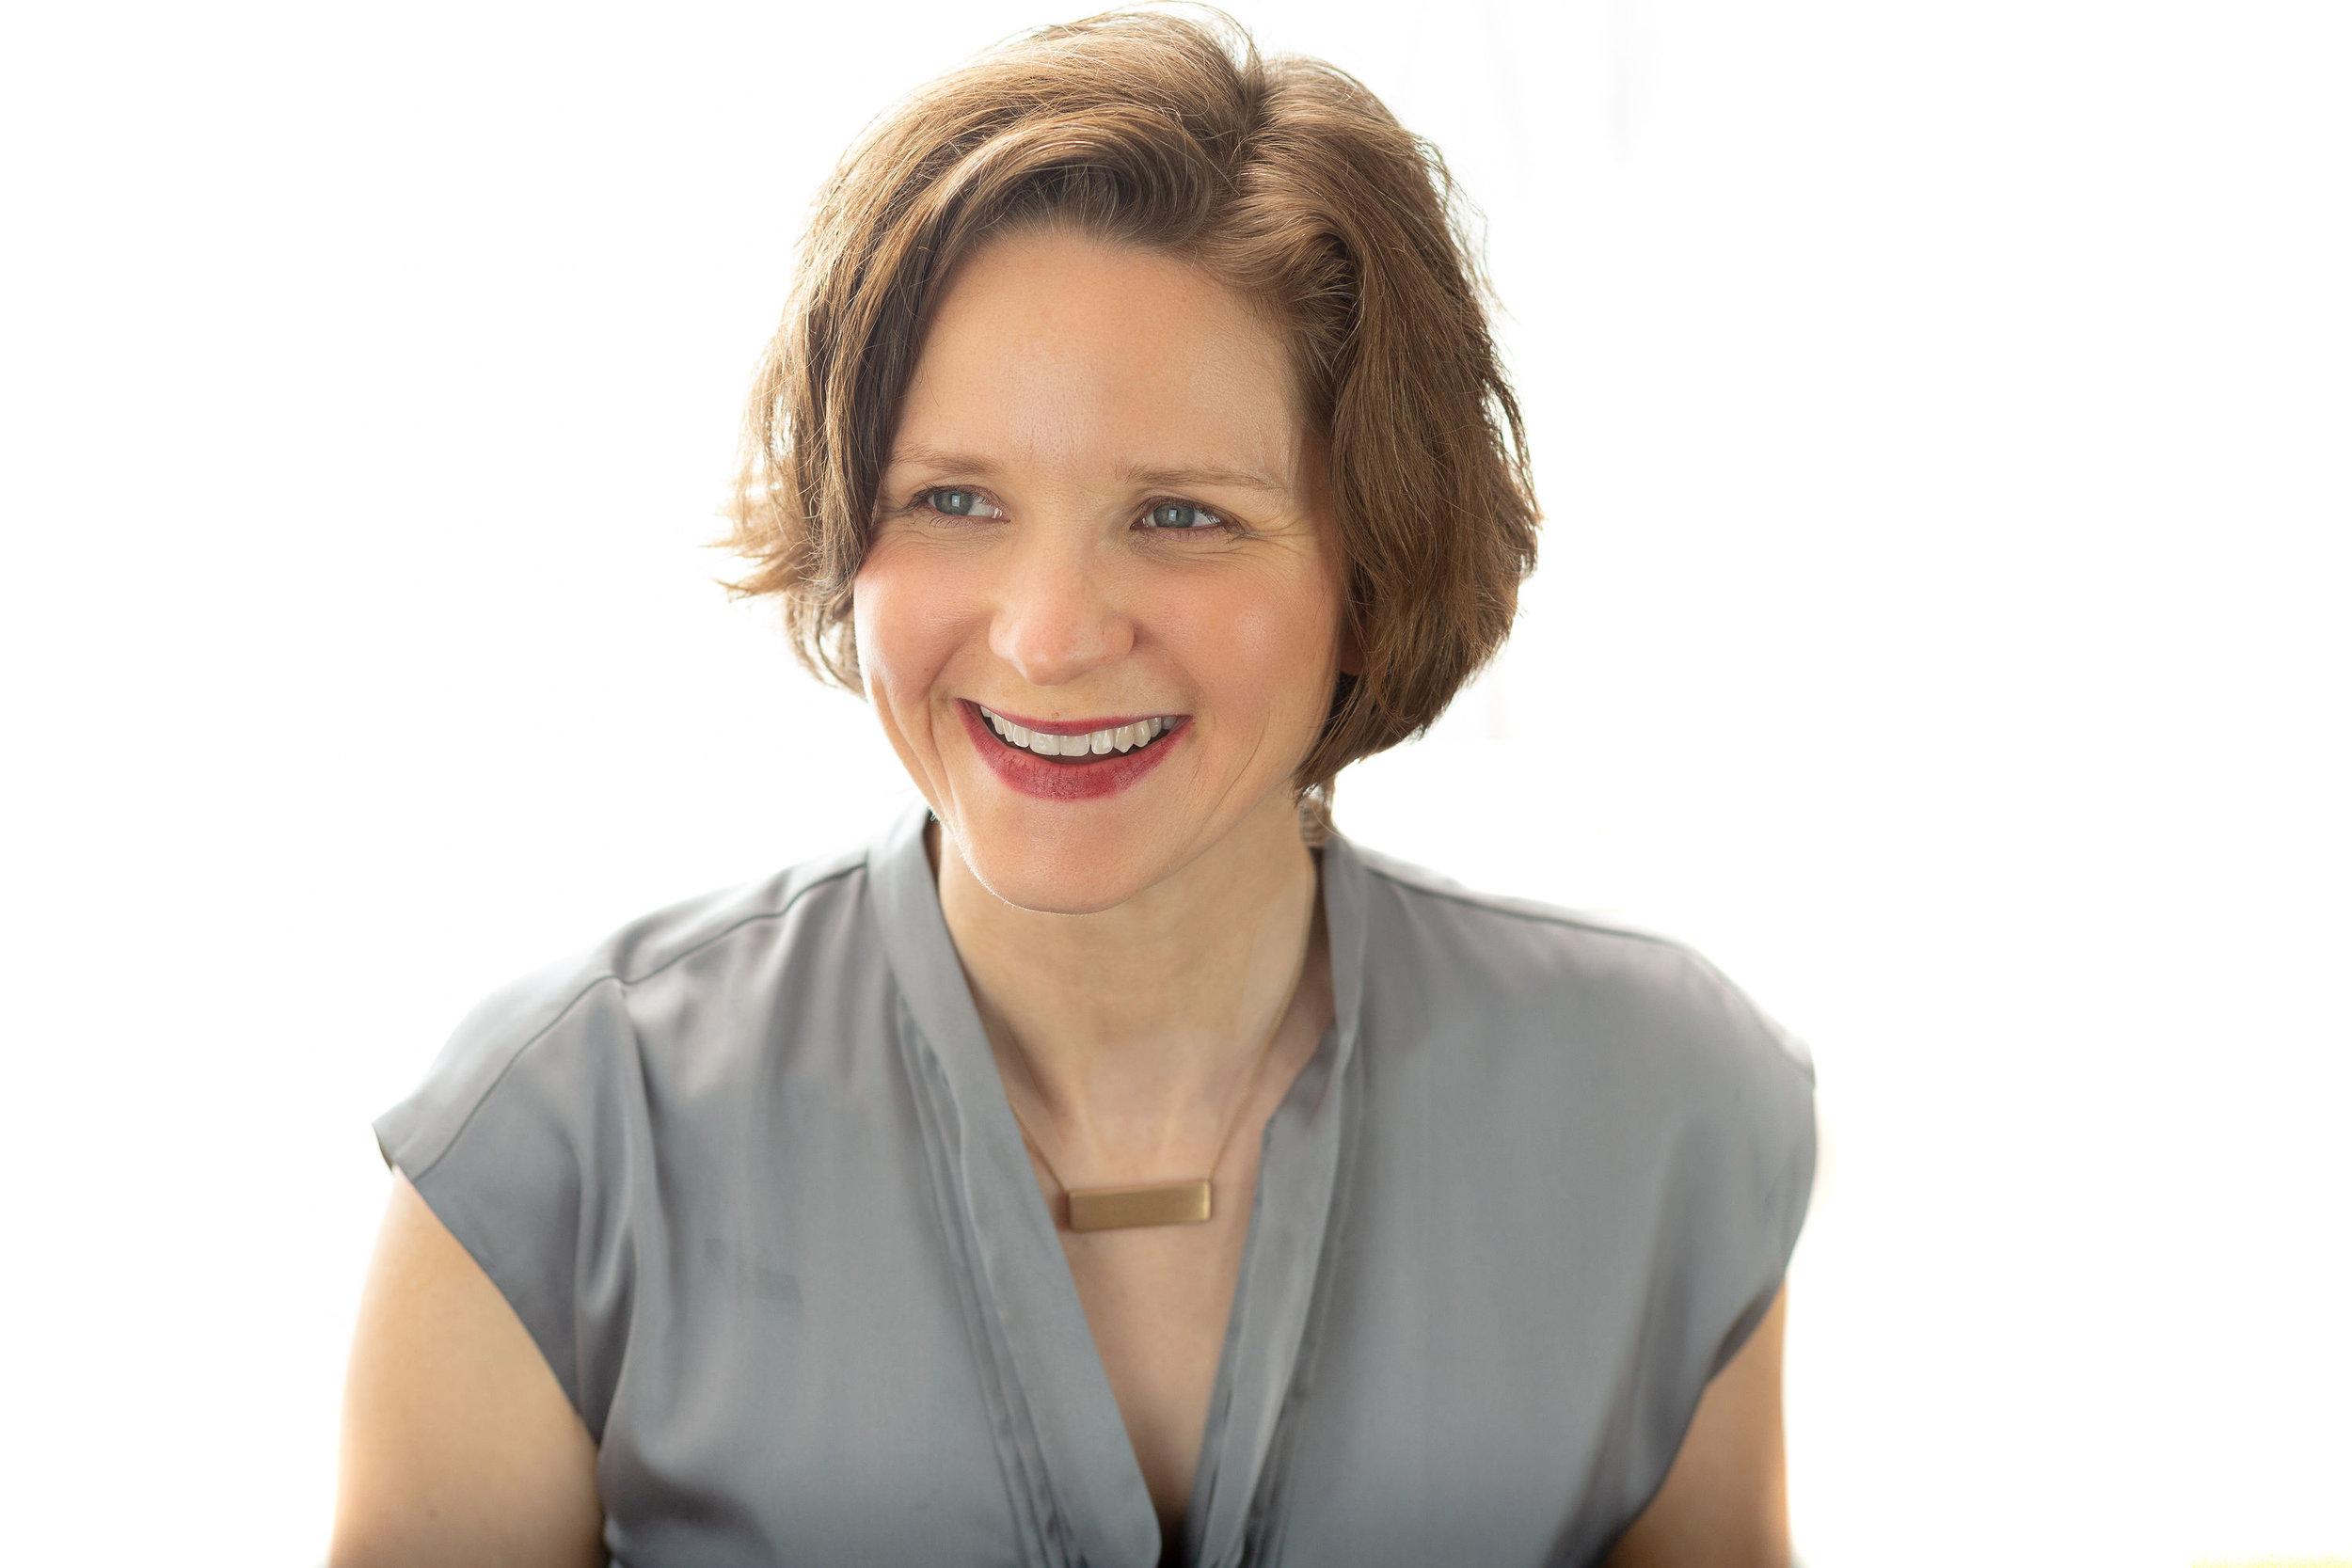 Suzanne Dietrich